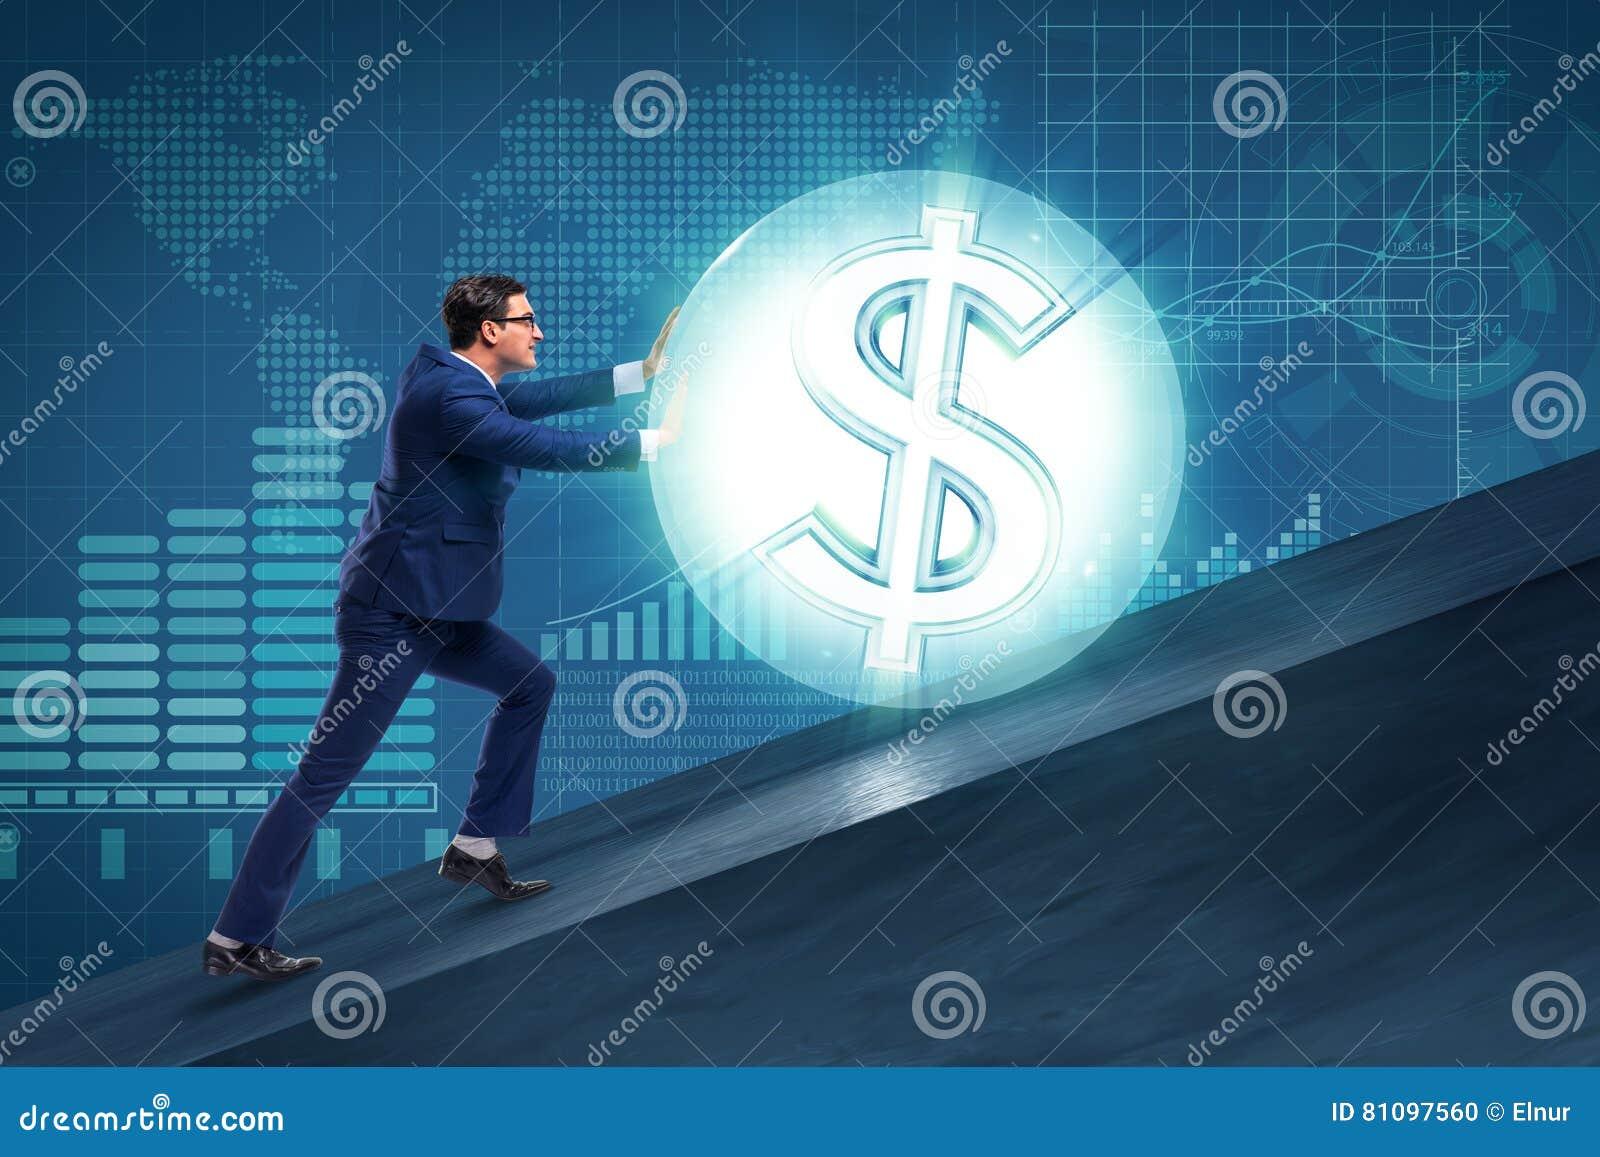 El hombre de negocios que empuja lejos la bola del dólar